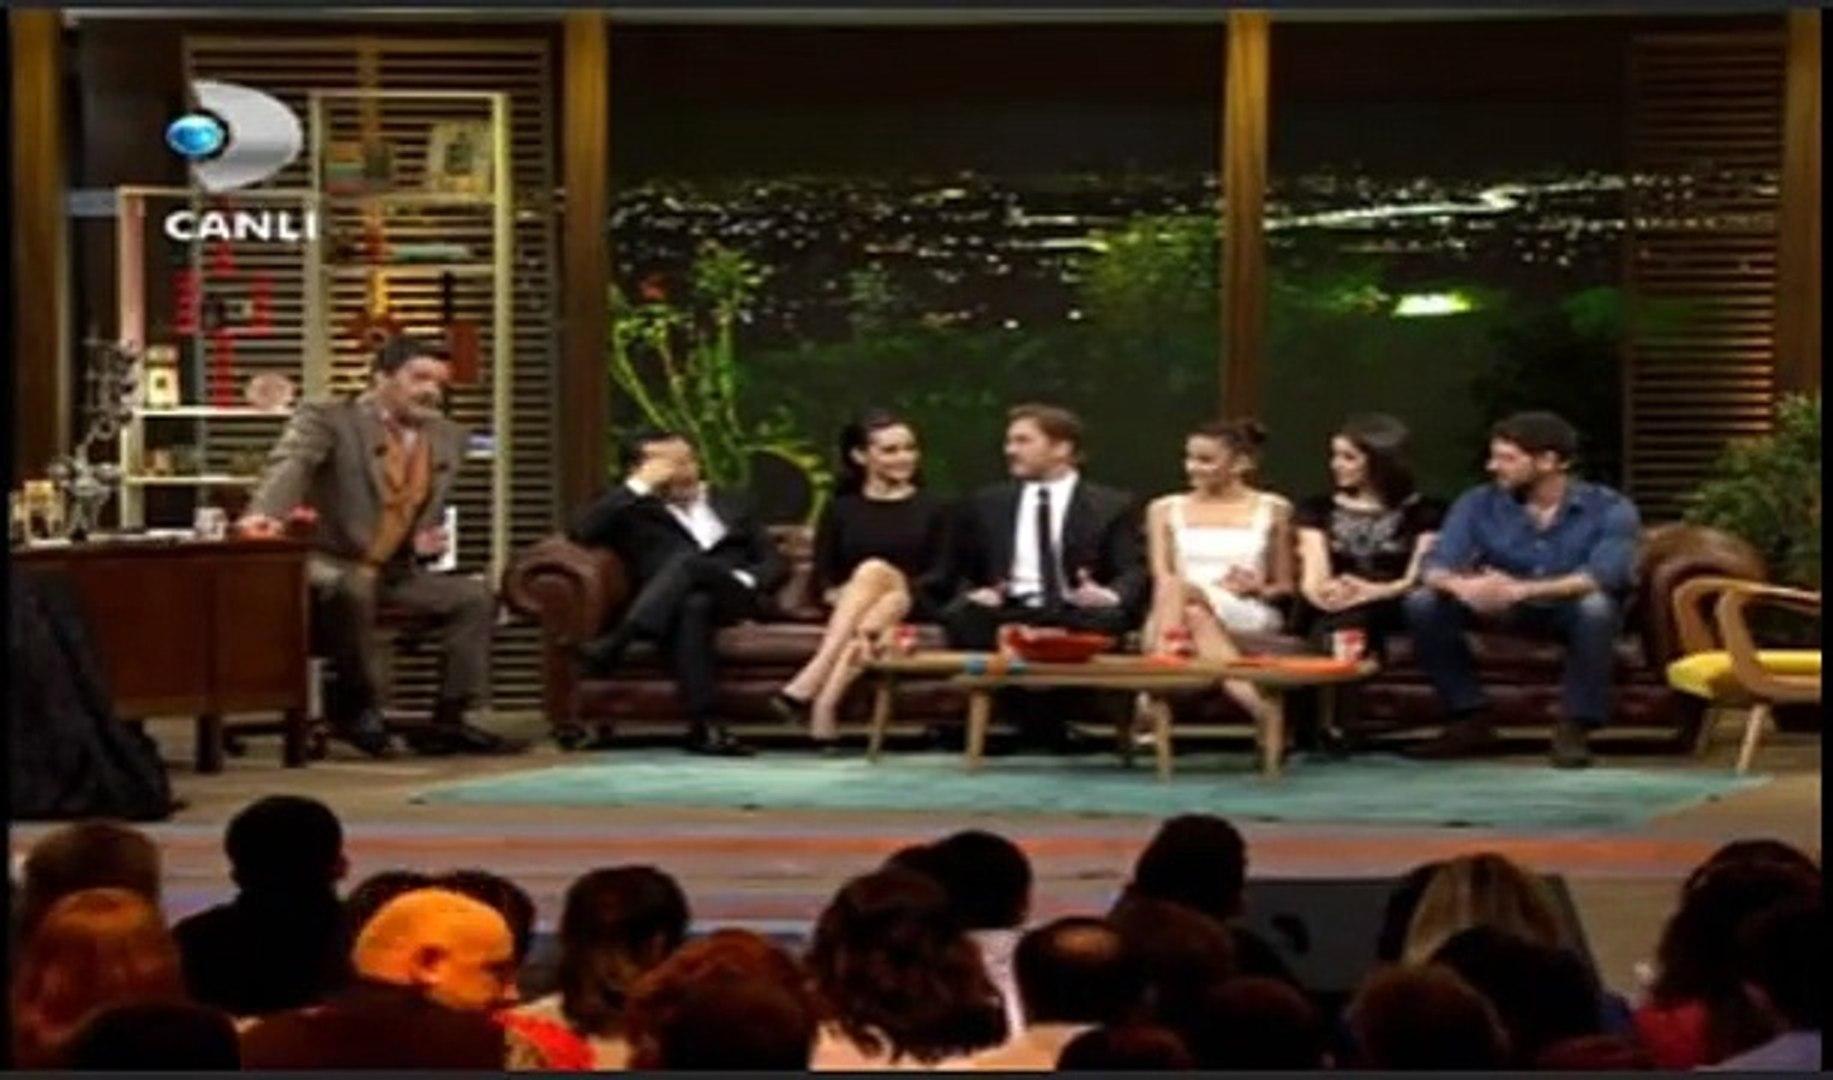 Beyaz Show-Romantik komedi 2(bekarlığa veda) film hakkında 15 Şubat 2013